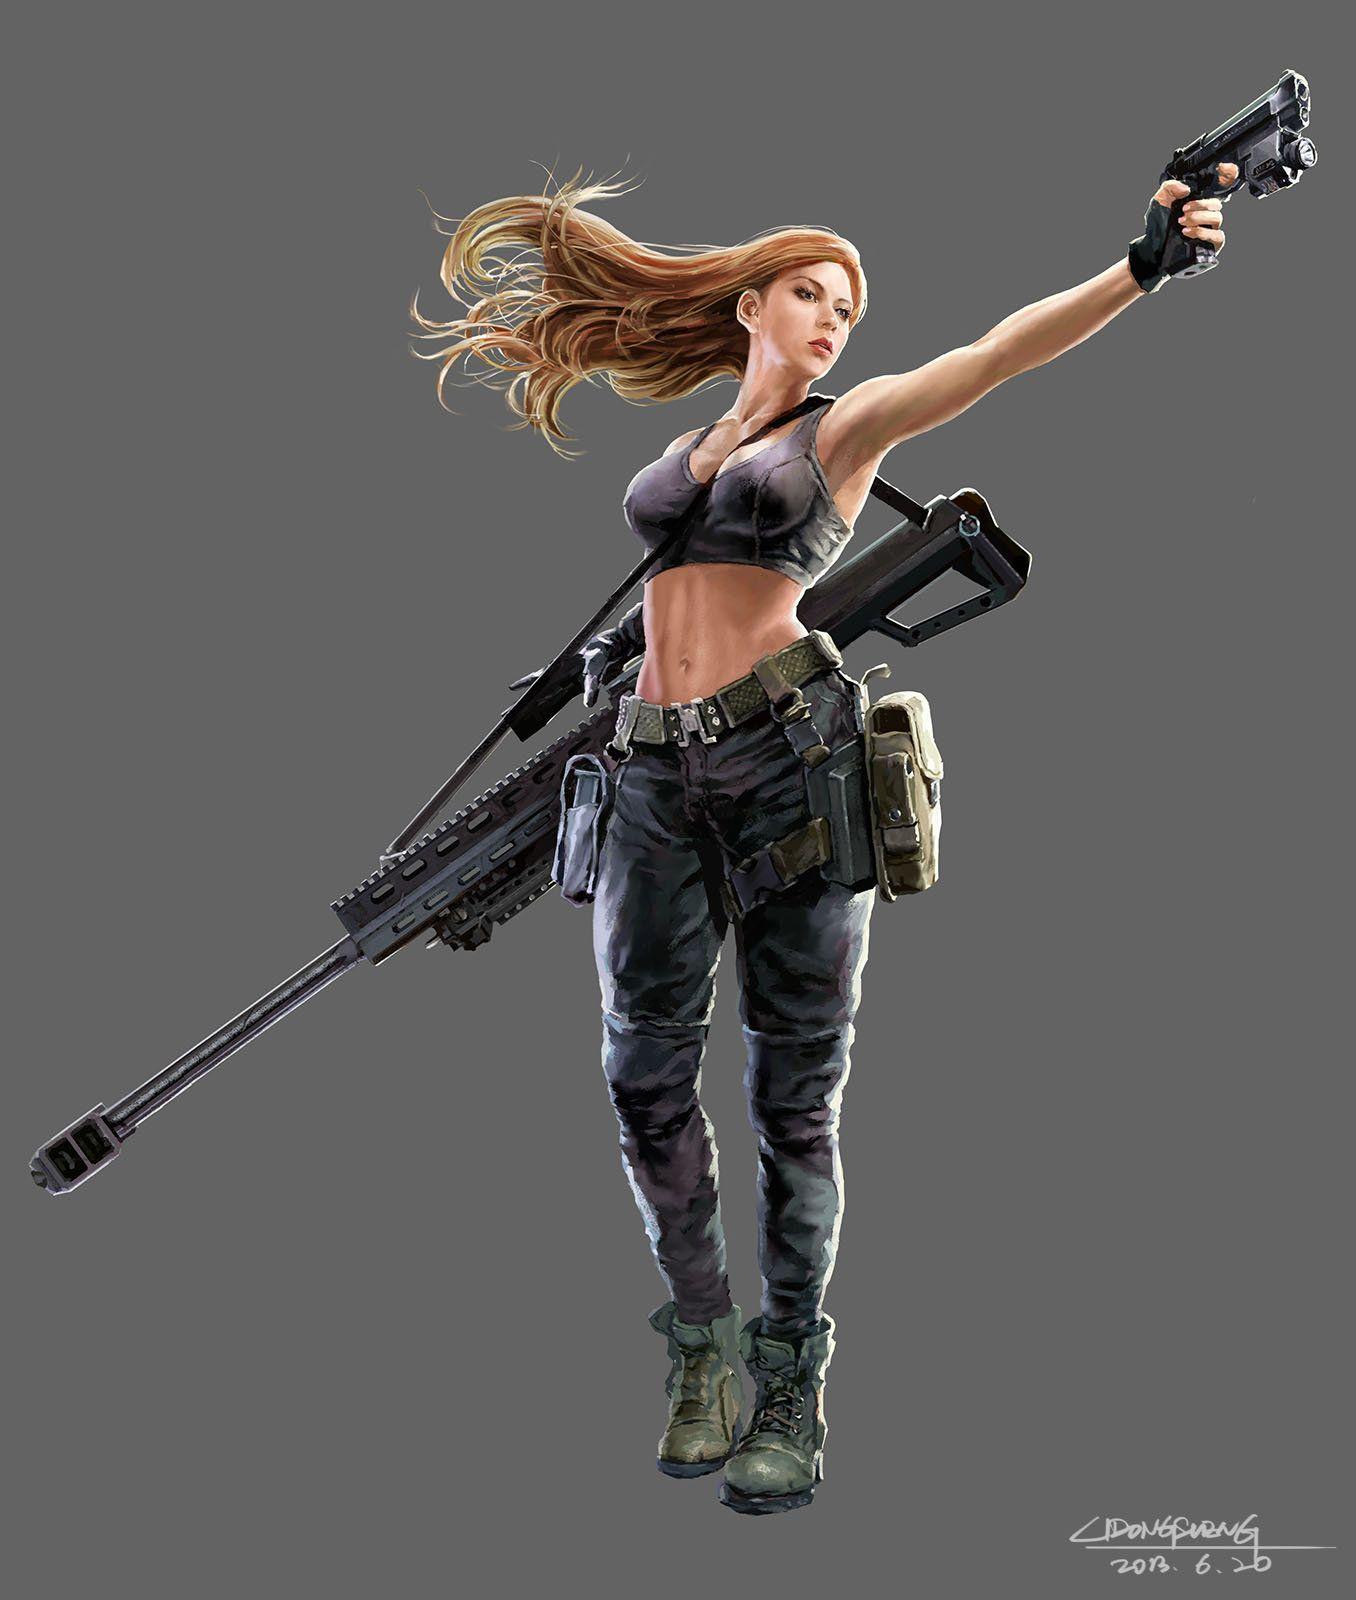 Sniper Dongsheng Li Sniper Art Warrior Woman Sniper Girl